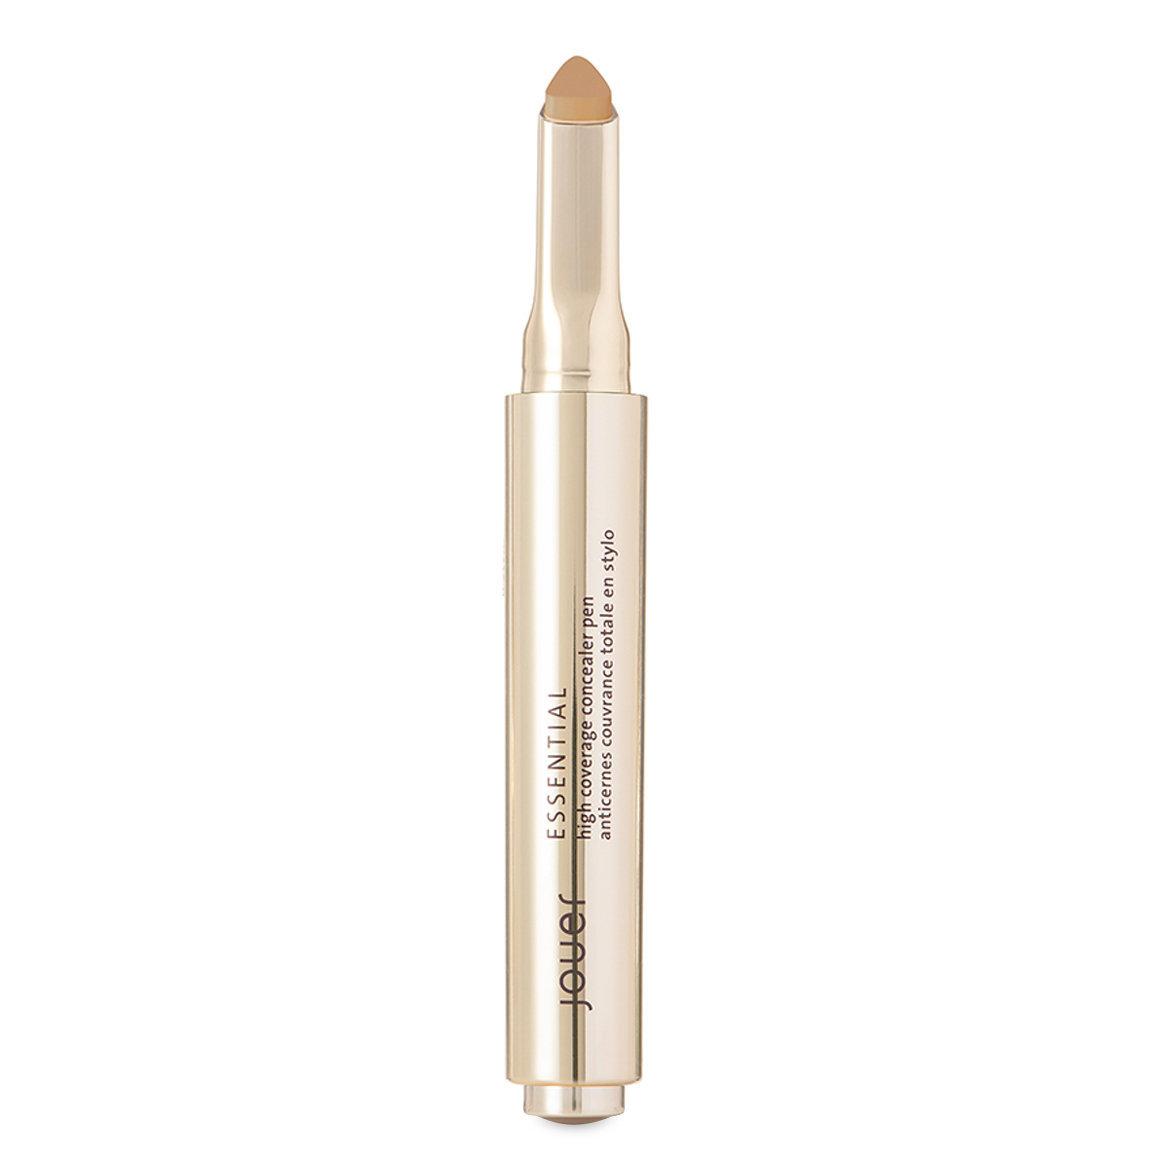 Jouer Cosmetics Essential High Coverage Concealer Pen Dulce de Leche